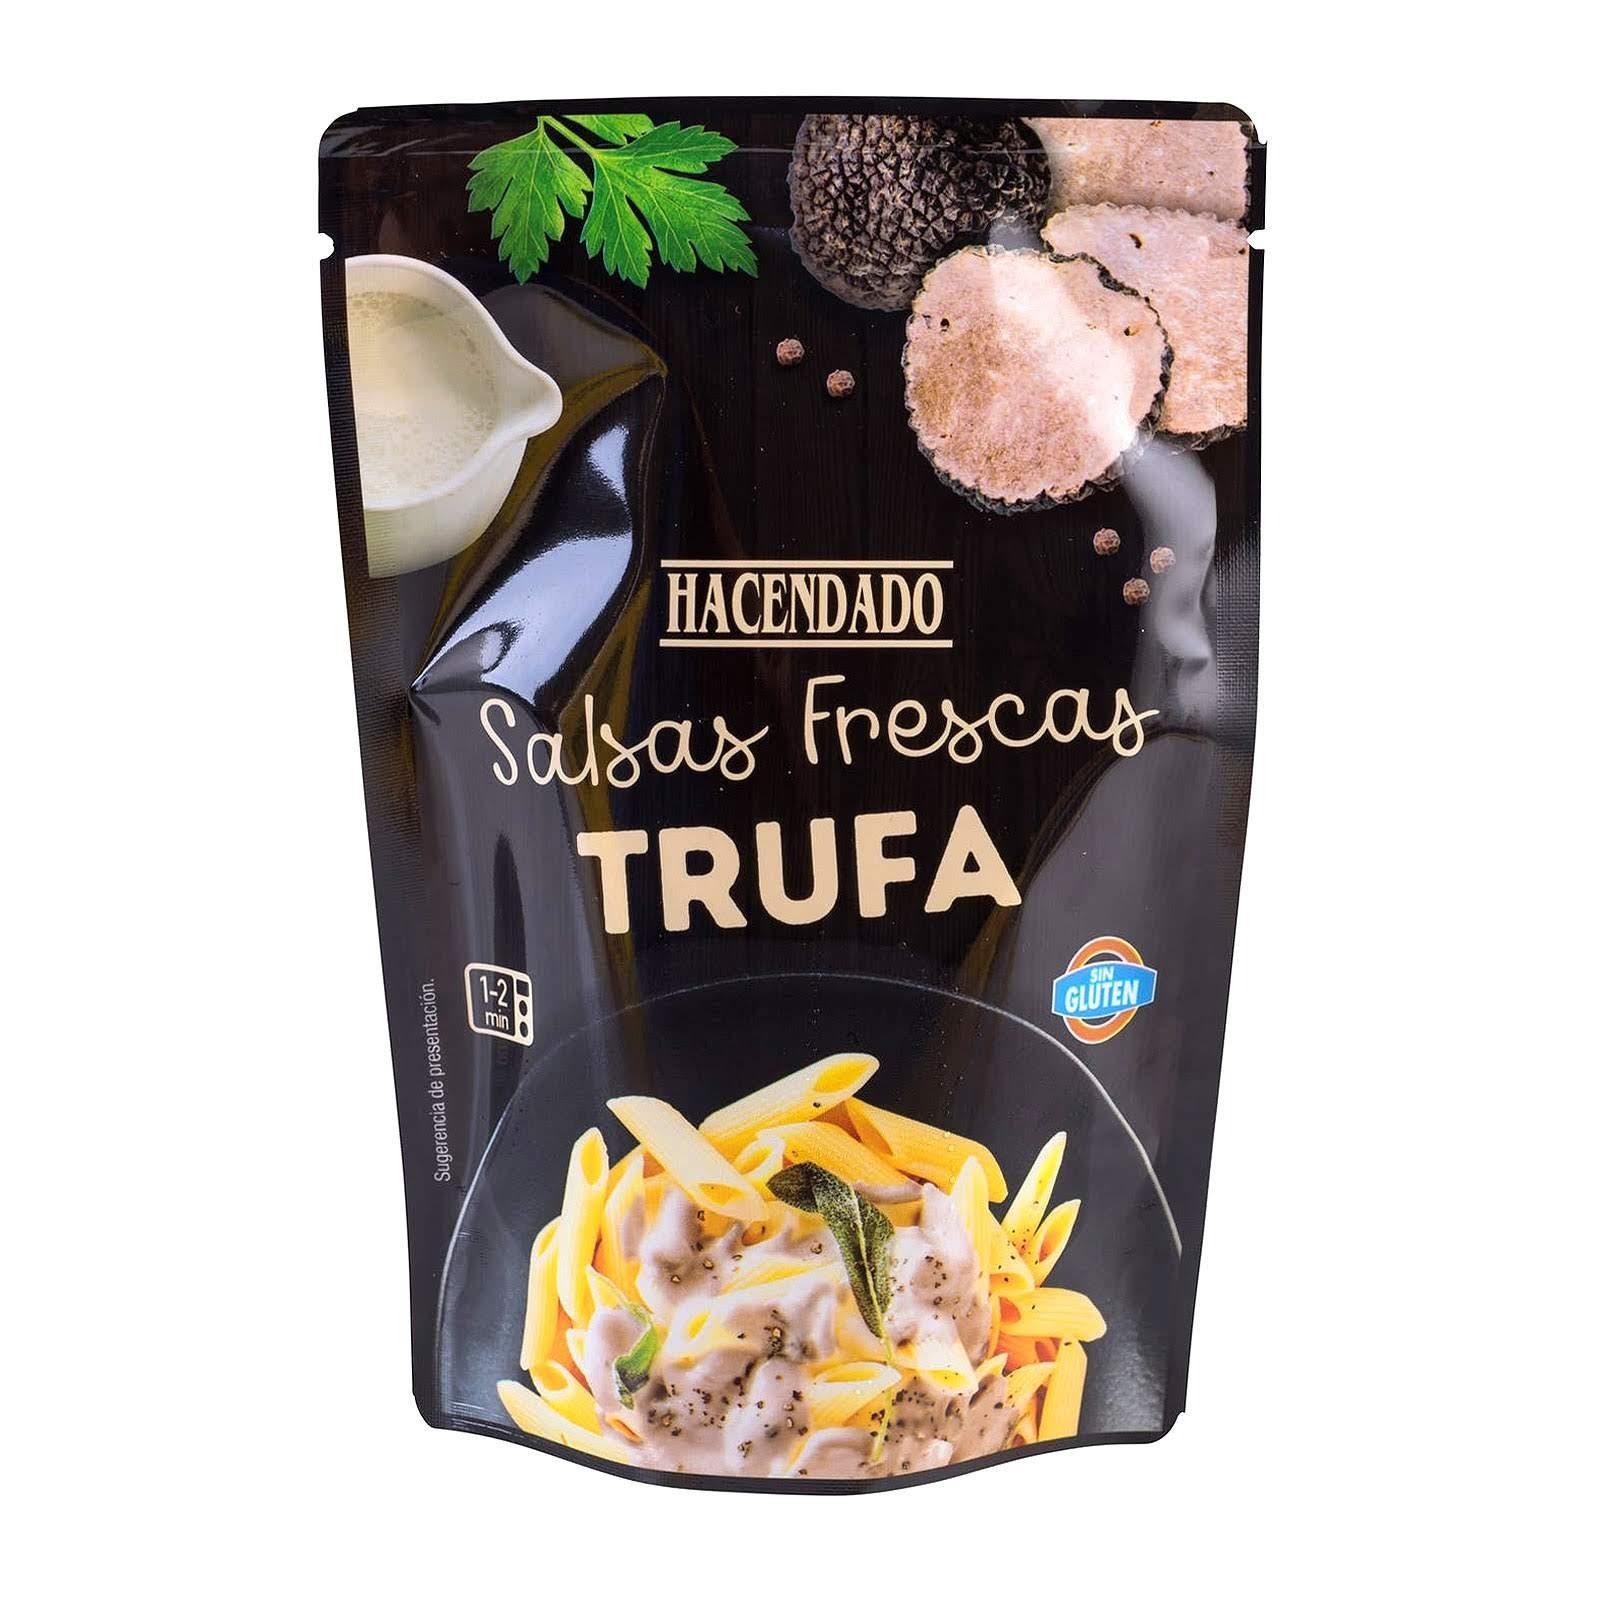 salsa-fresca-trufa-hacendado-mercadona-1-7407421